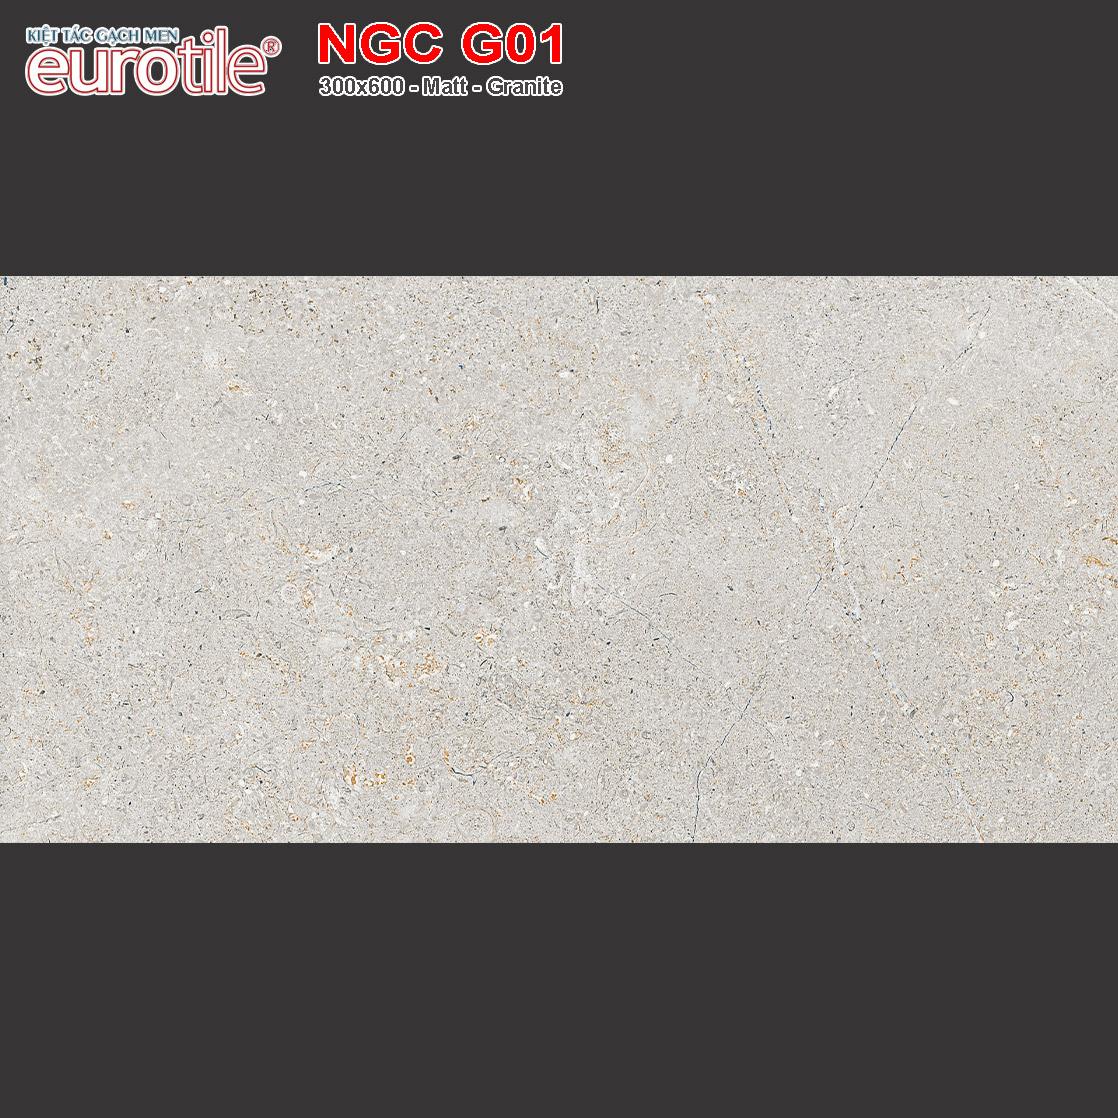 Gạch Eurotile 300x600 Nguyệt Cát NGC G01 giá rẻ